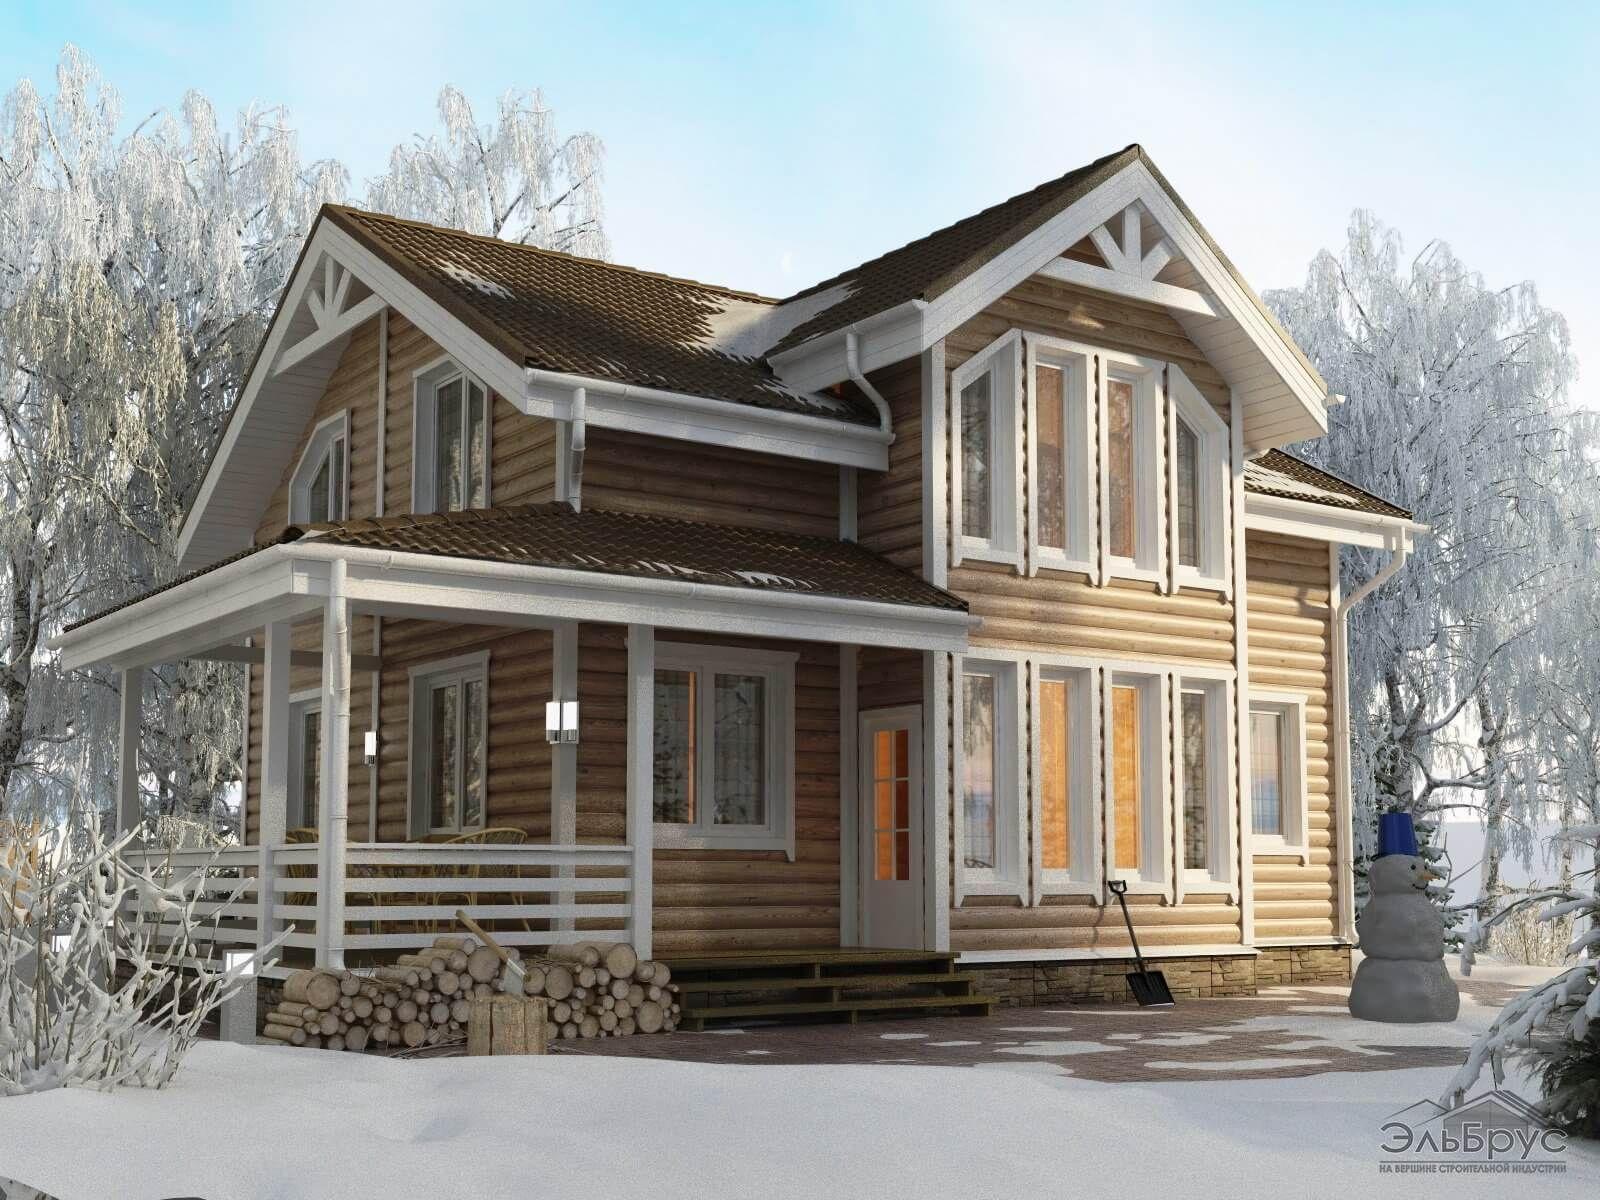 Эльбрус строительная компания официальный сайт пенза создания сайтов онлайн